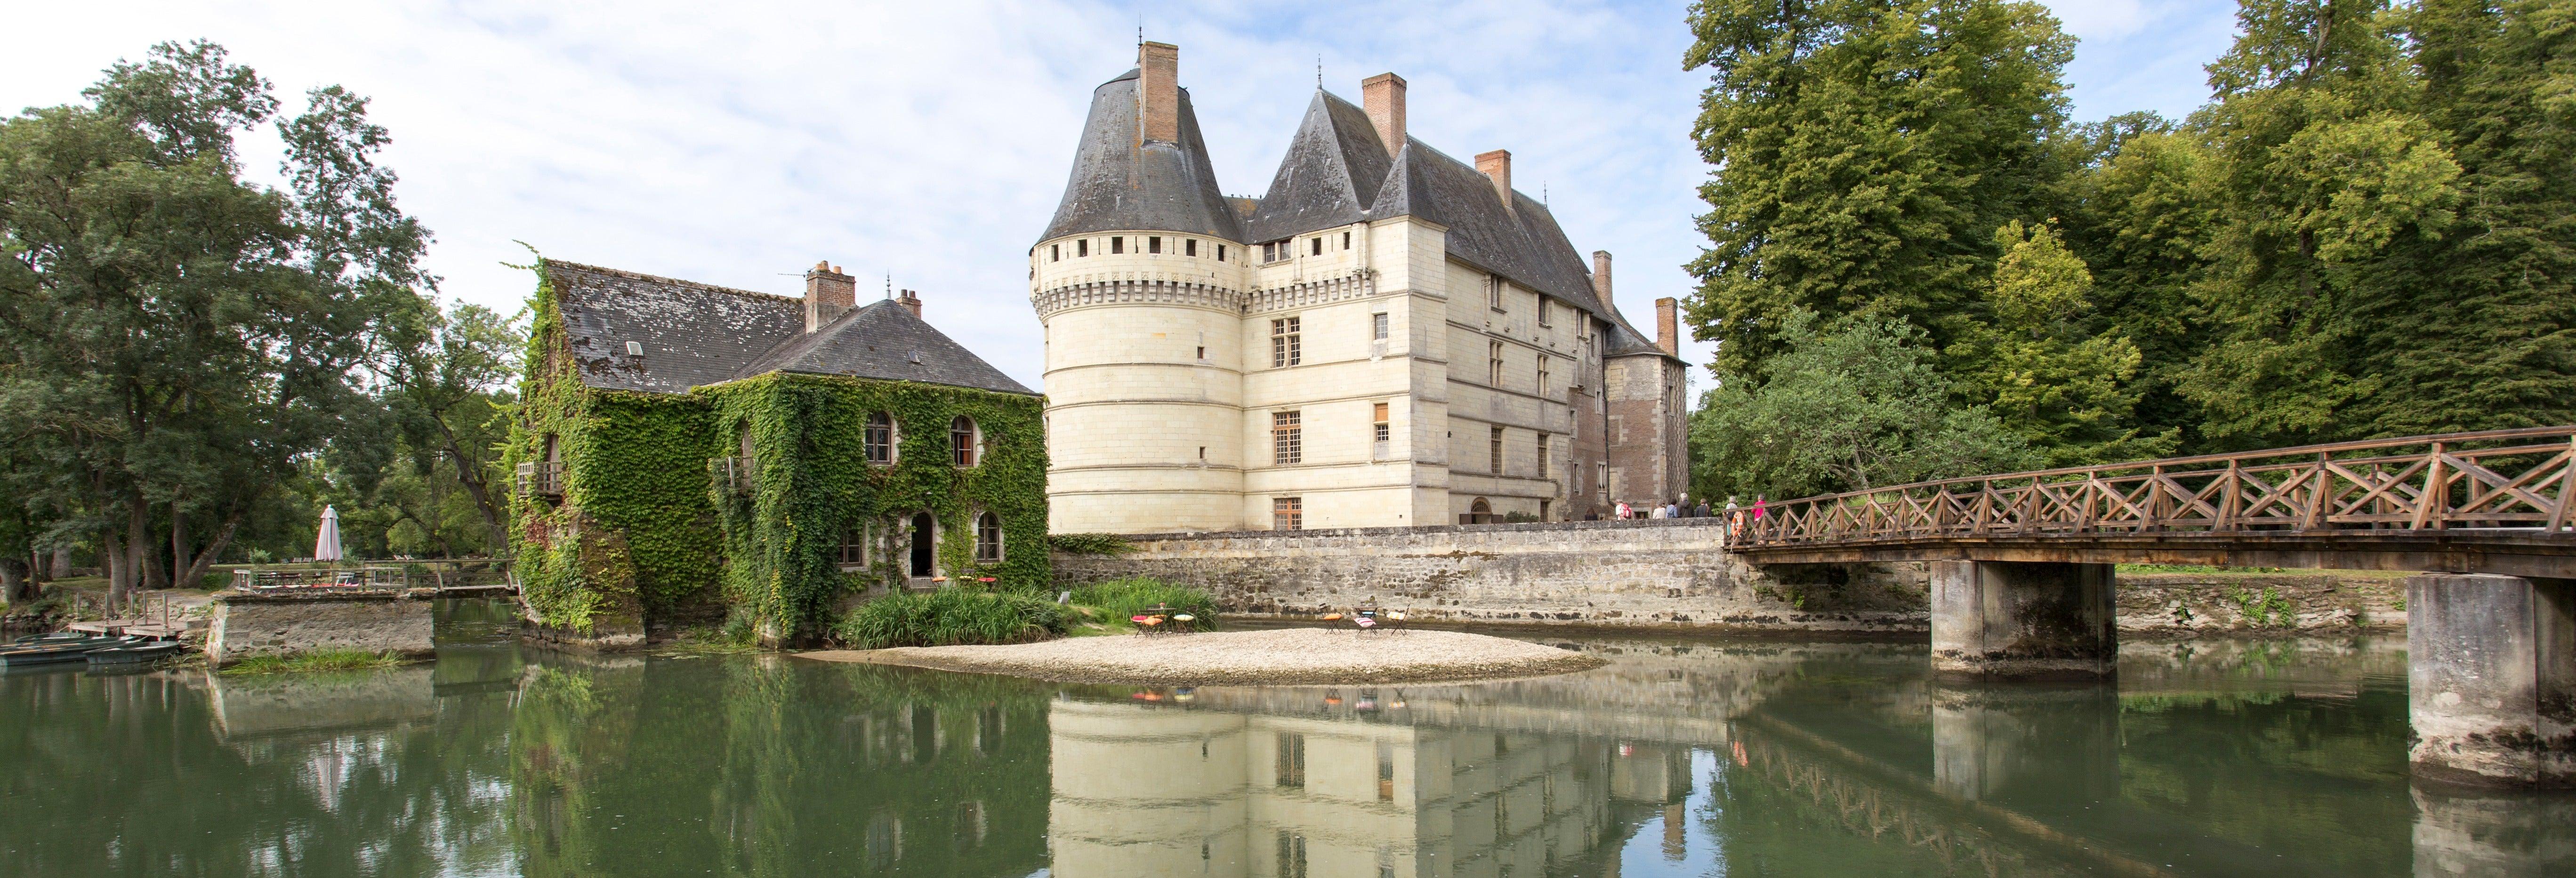 Escursione ai castelli di Villandry e di Islette